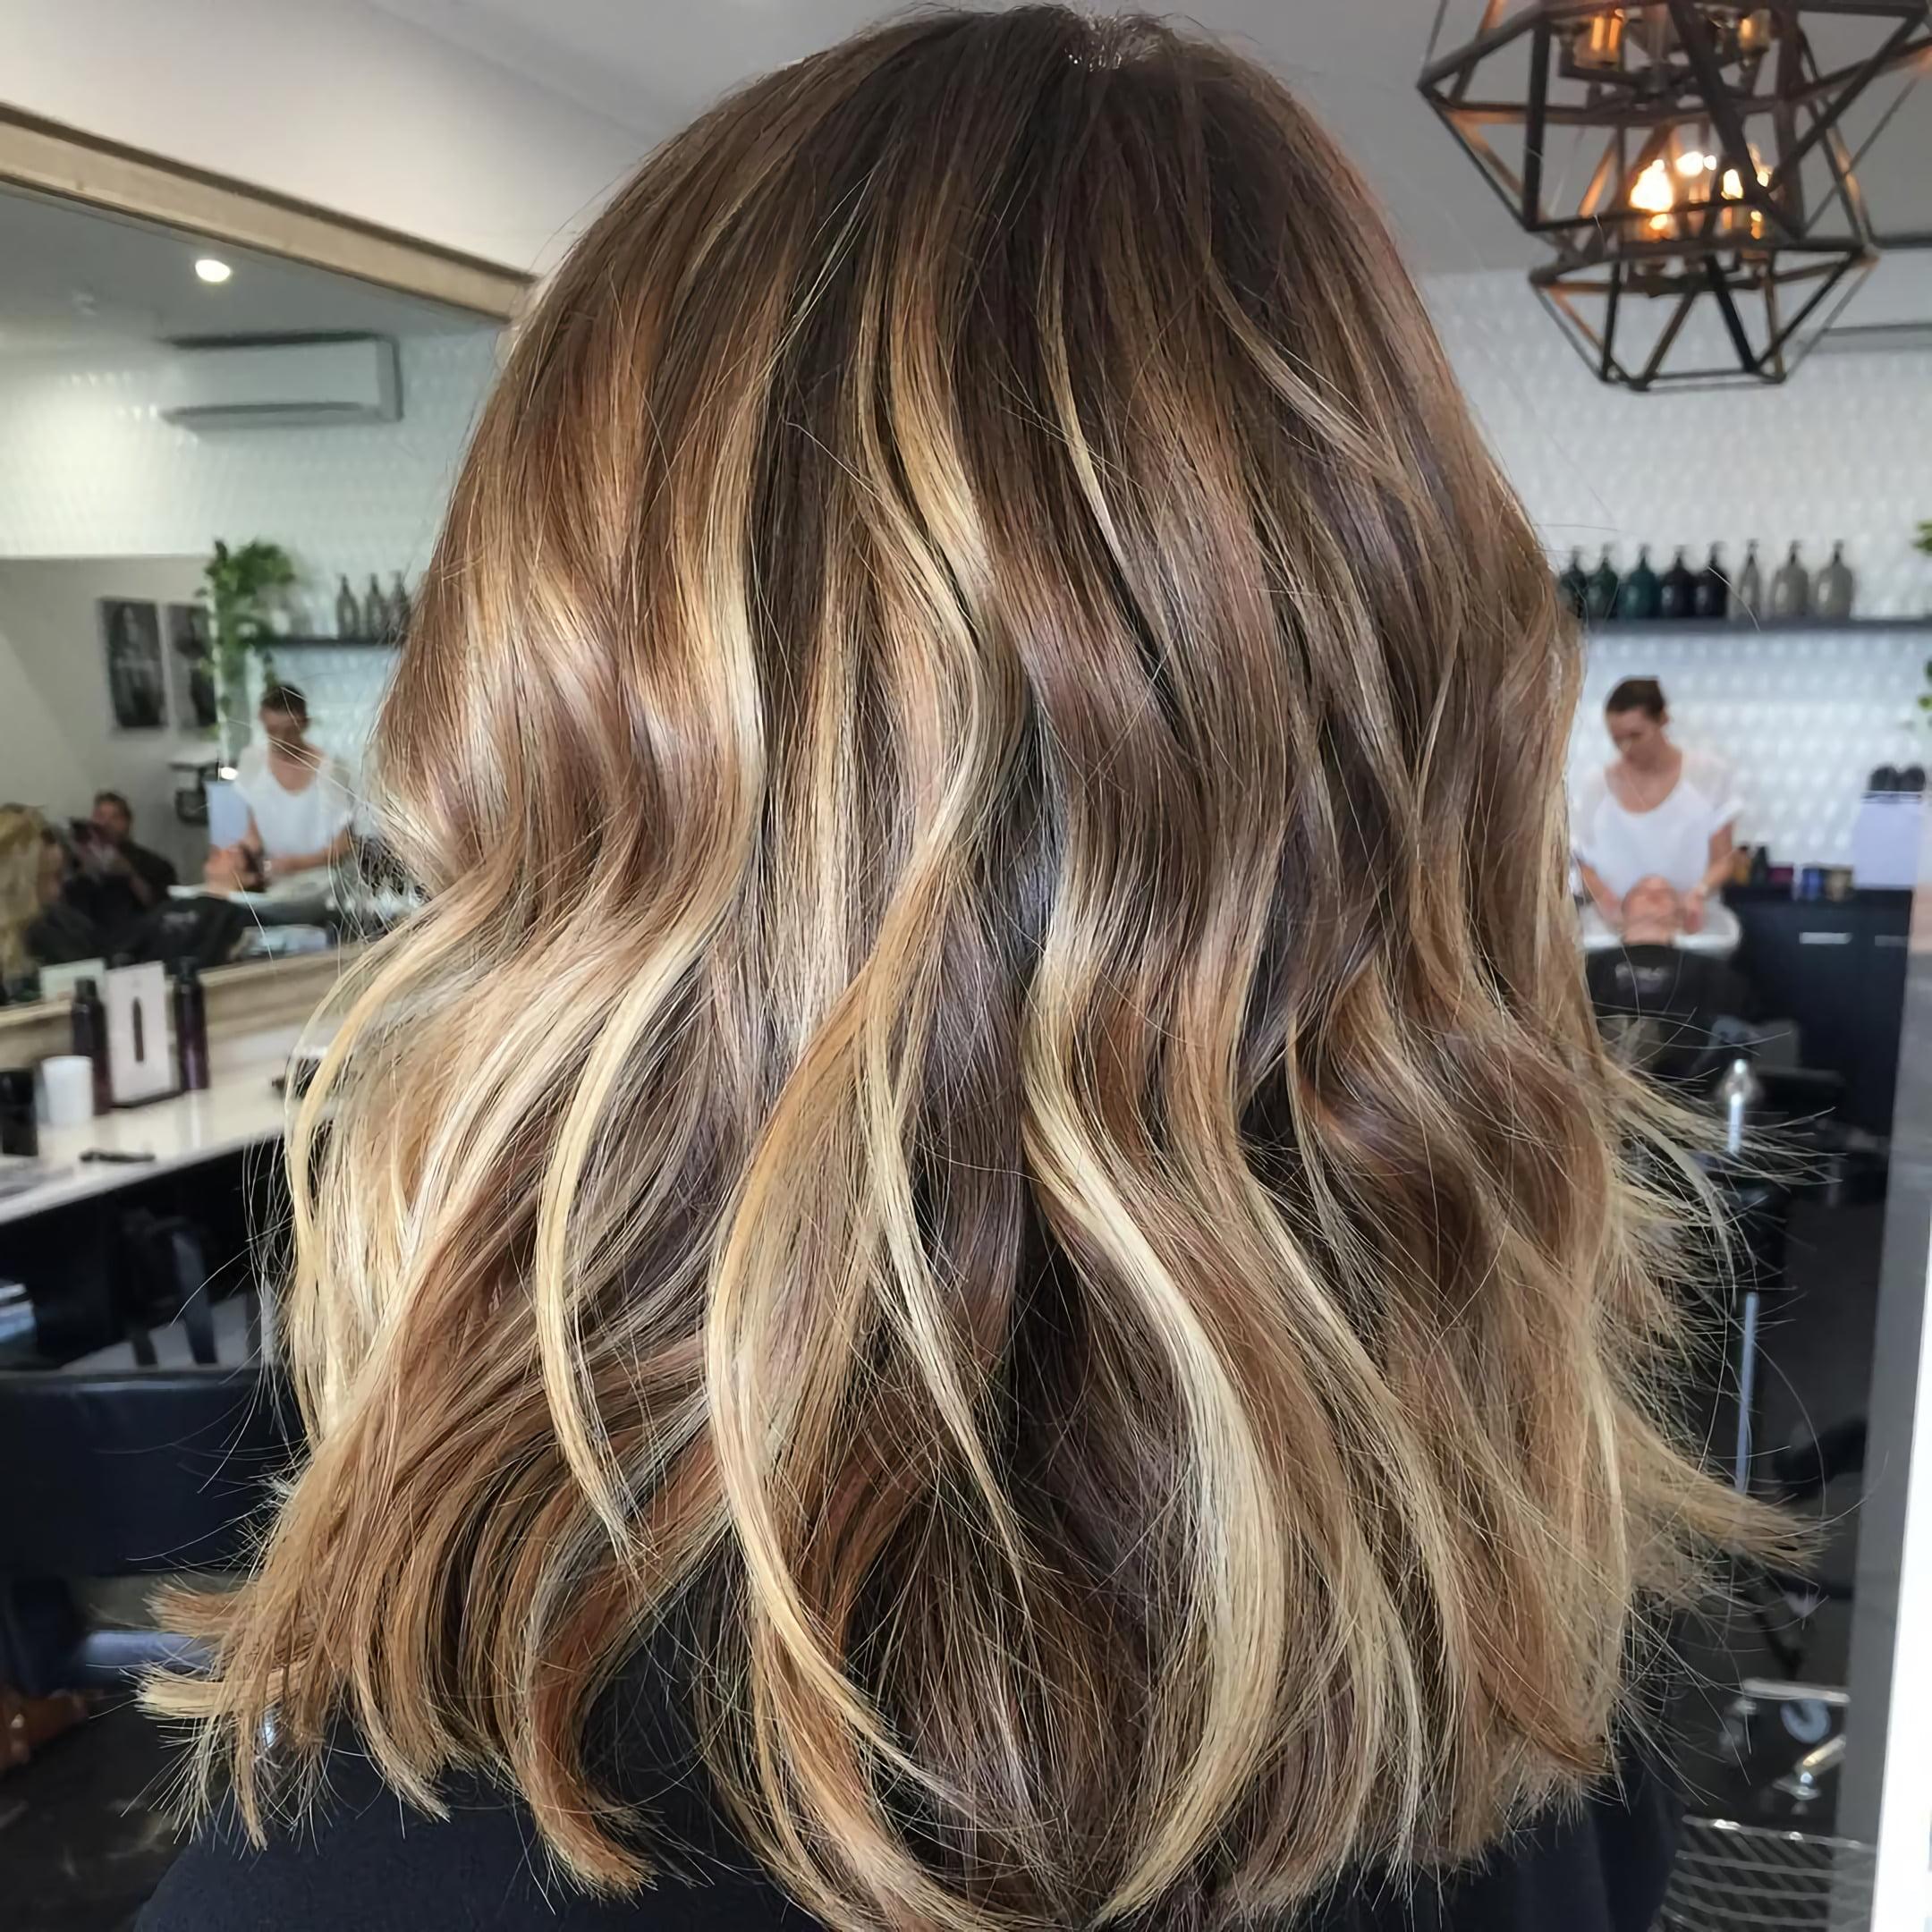 Русые волосы средней длины с золотистым окрашиванием